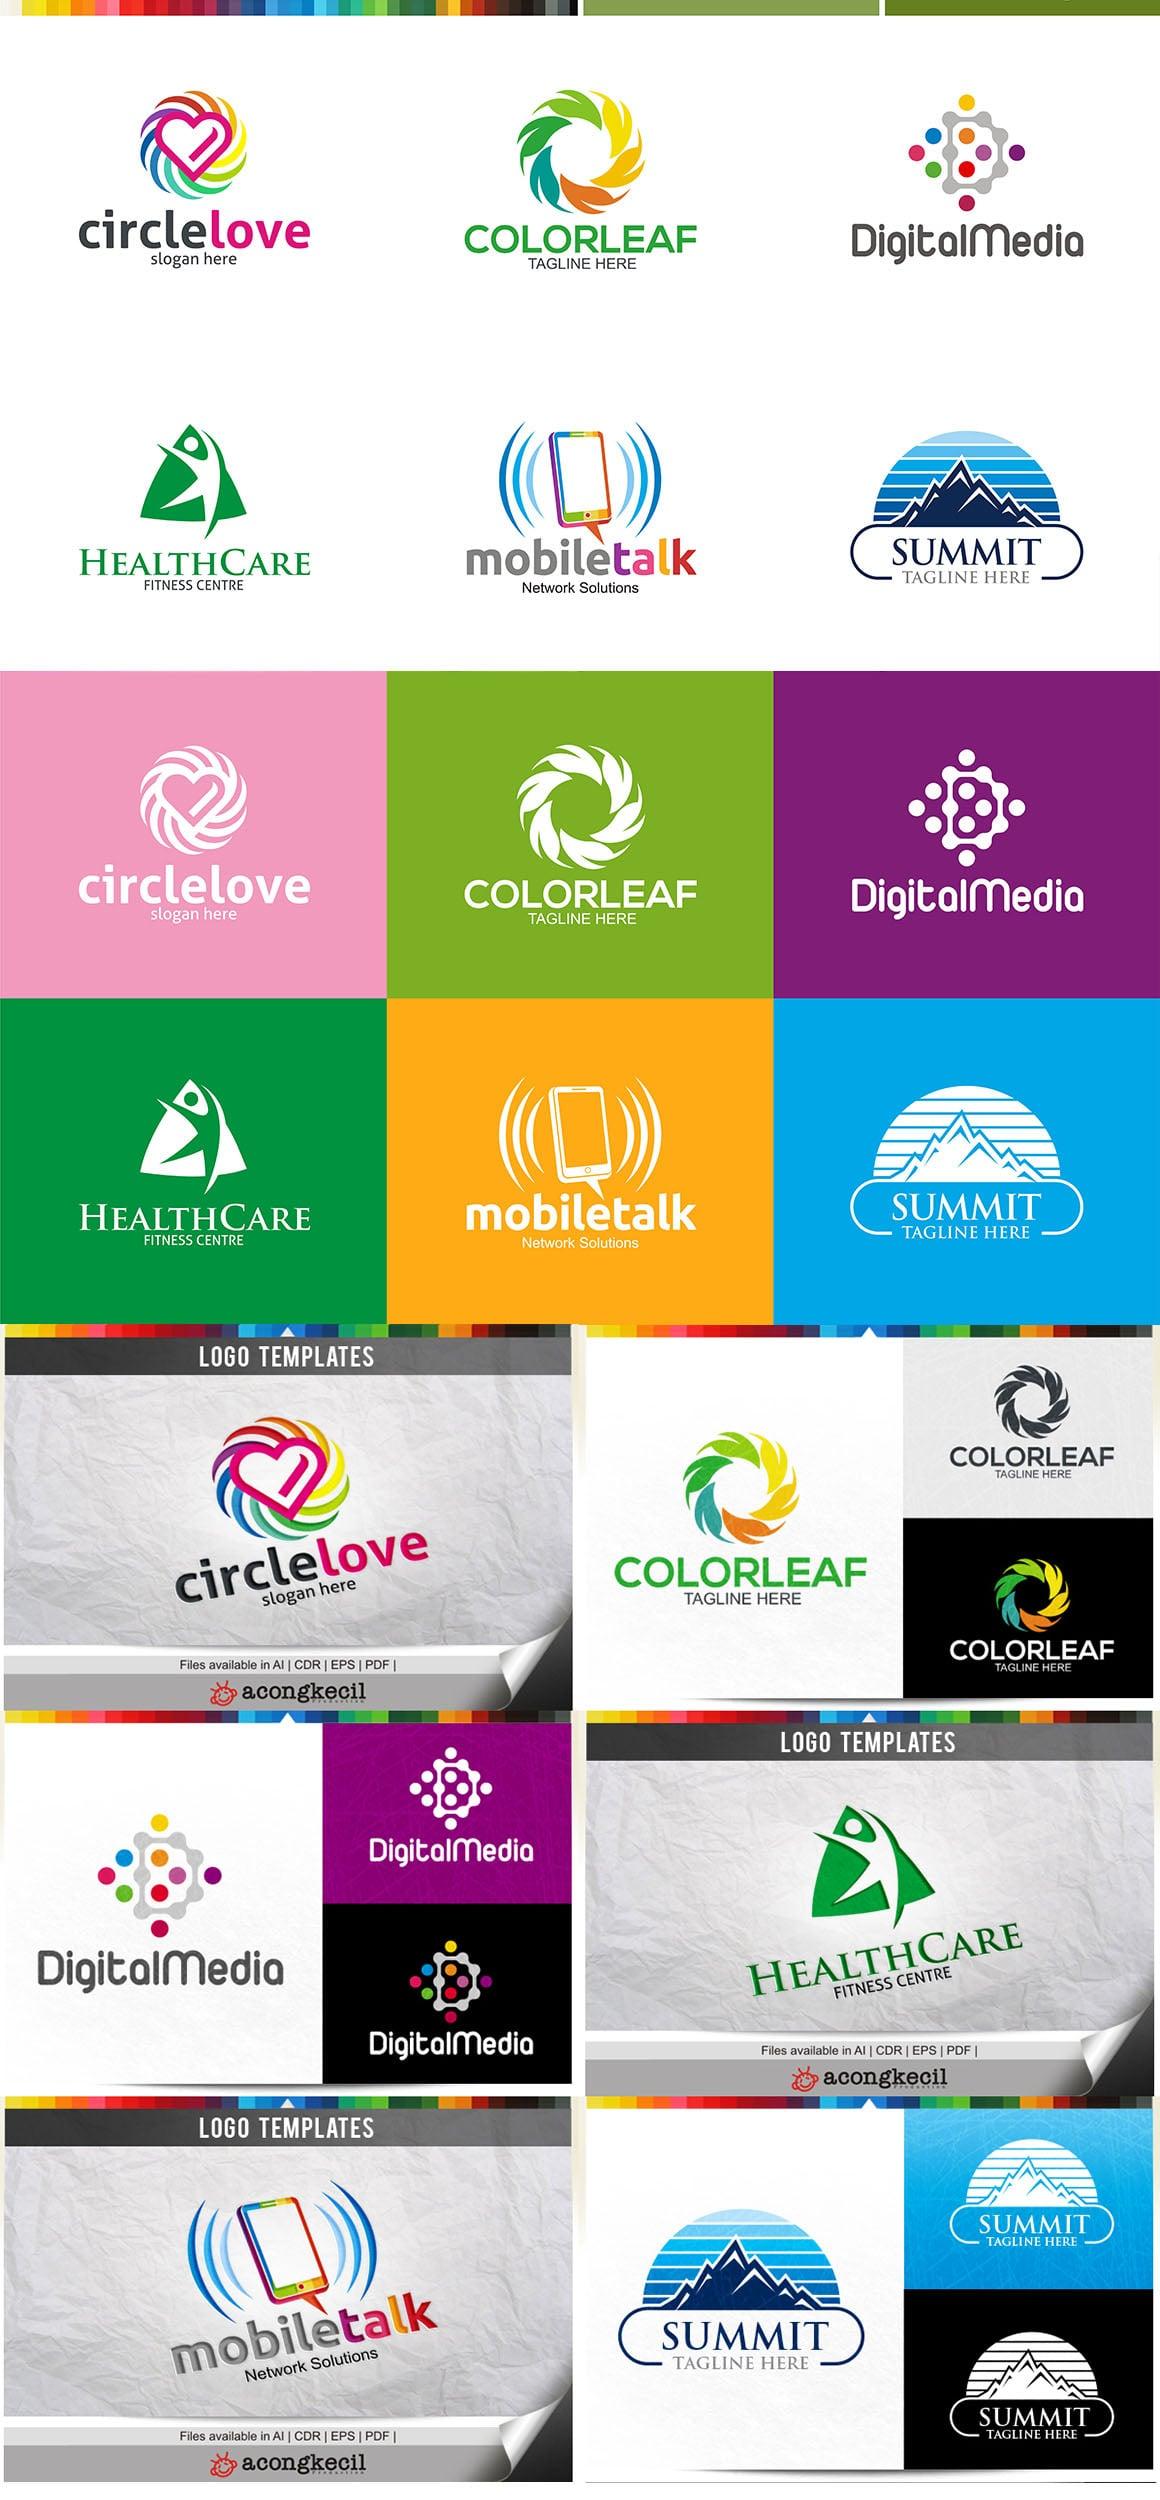 446 Business Logo Bundle - 99%+ OFF - Bundle 01 Preview 5a